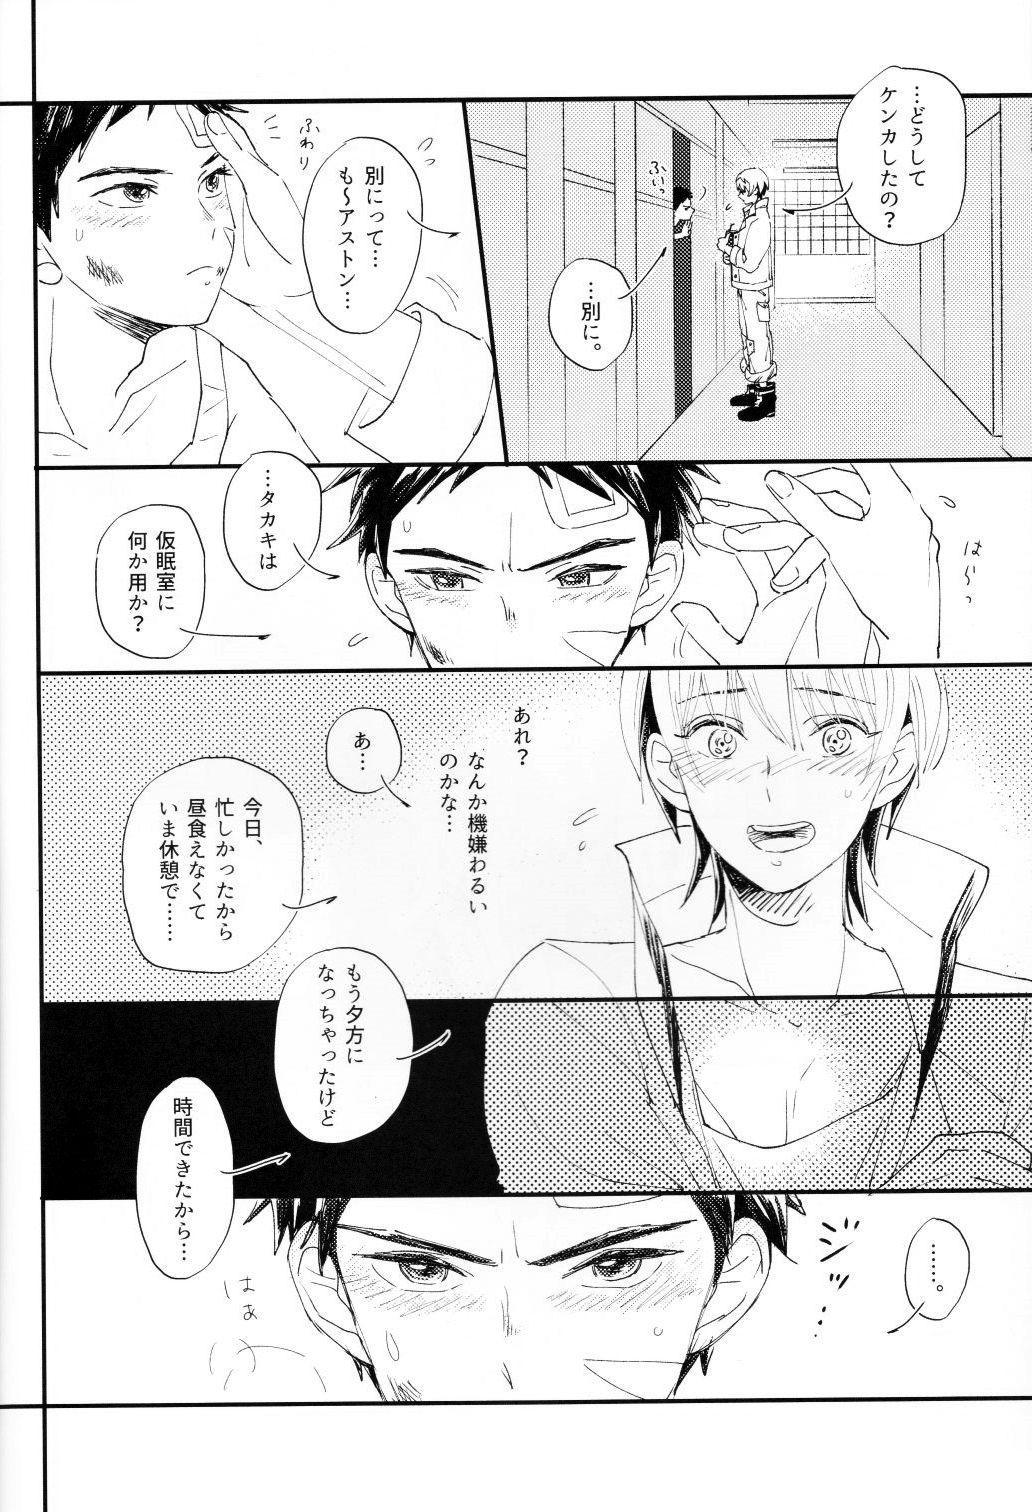 Sentimental Kajou 9